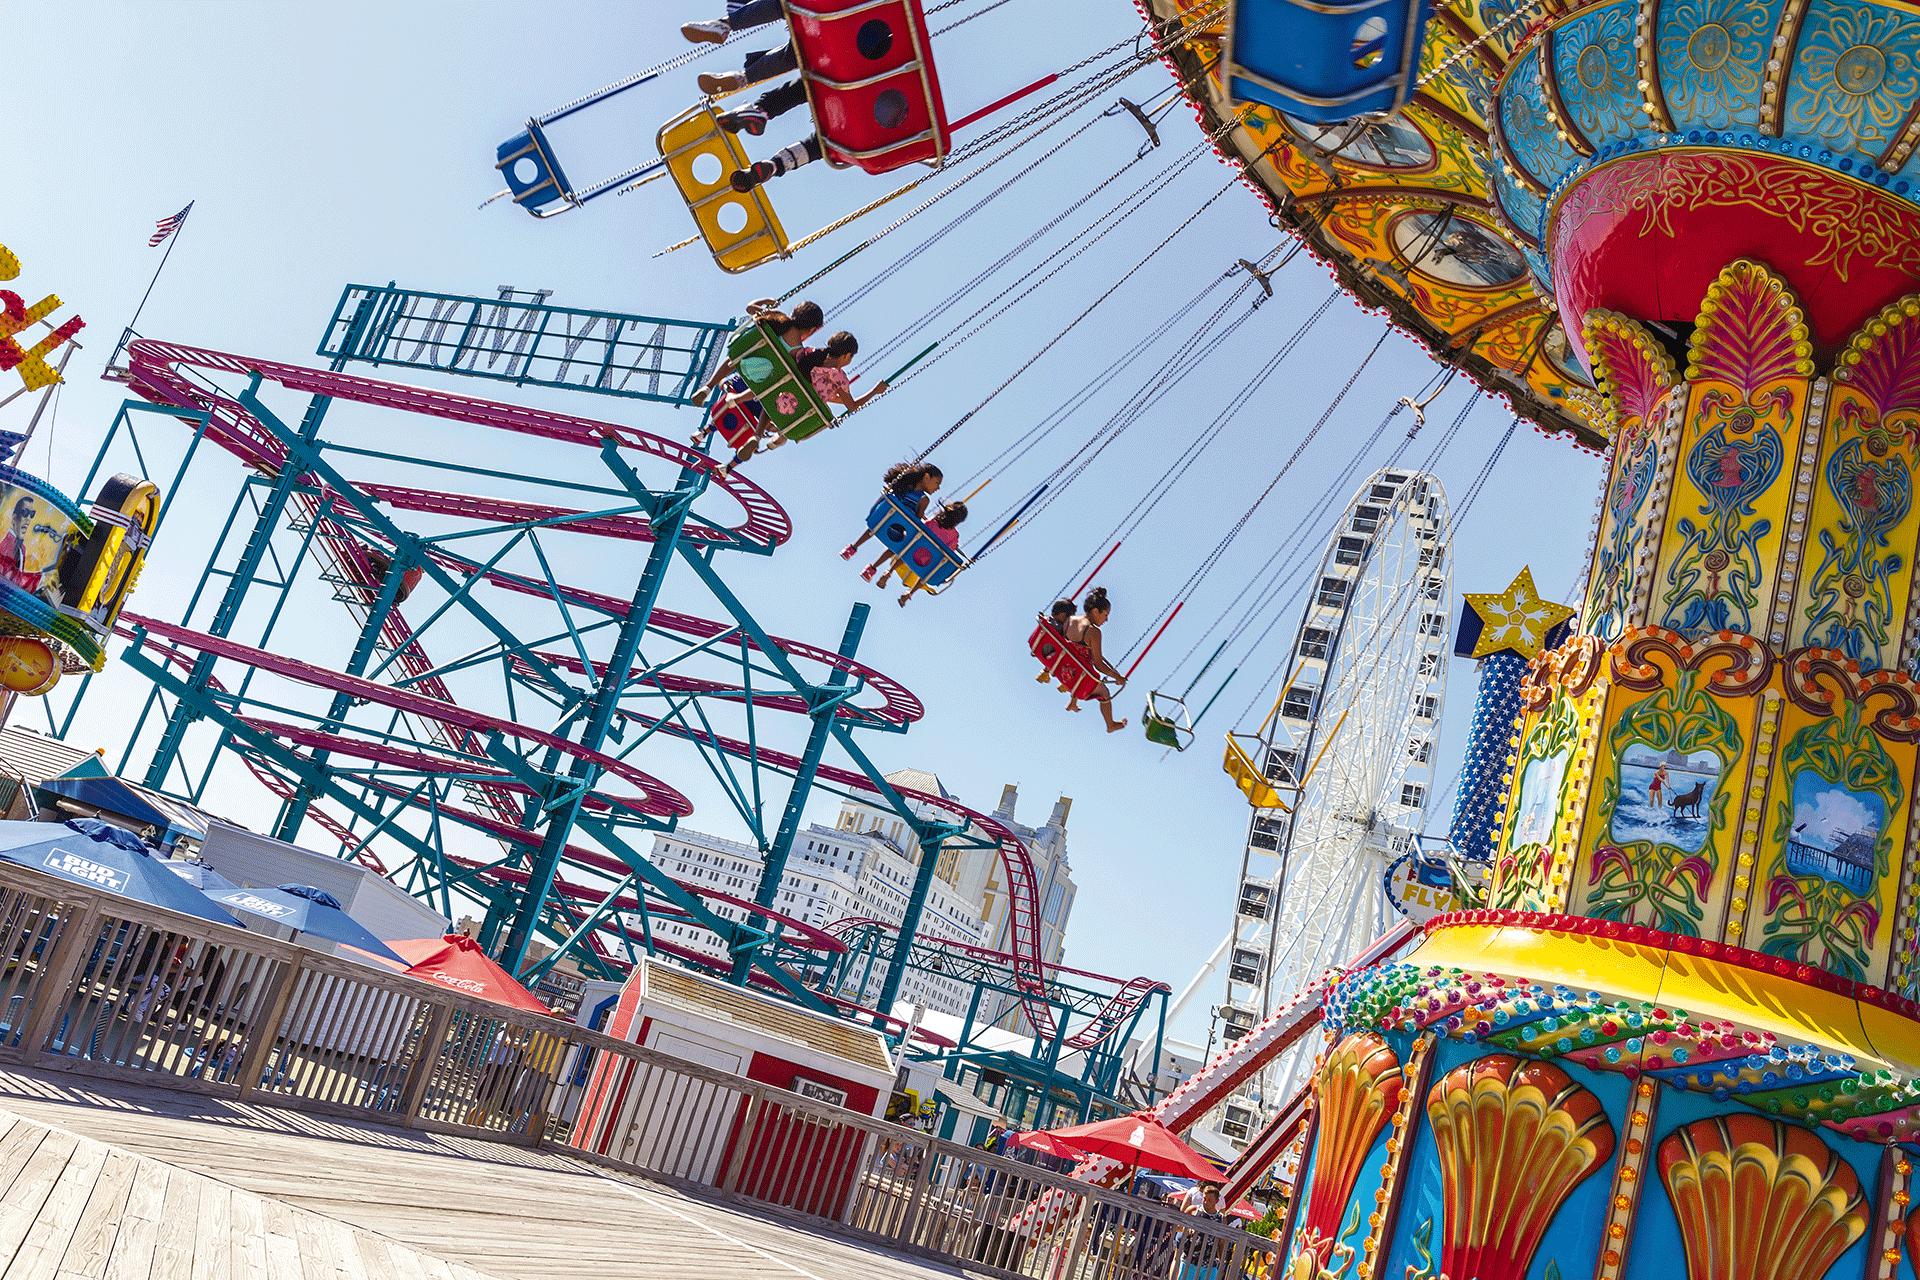 Daytona Beach Boardwalk And Amut Rides Near Wyndham